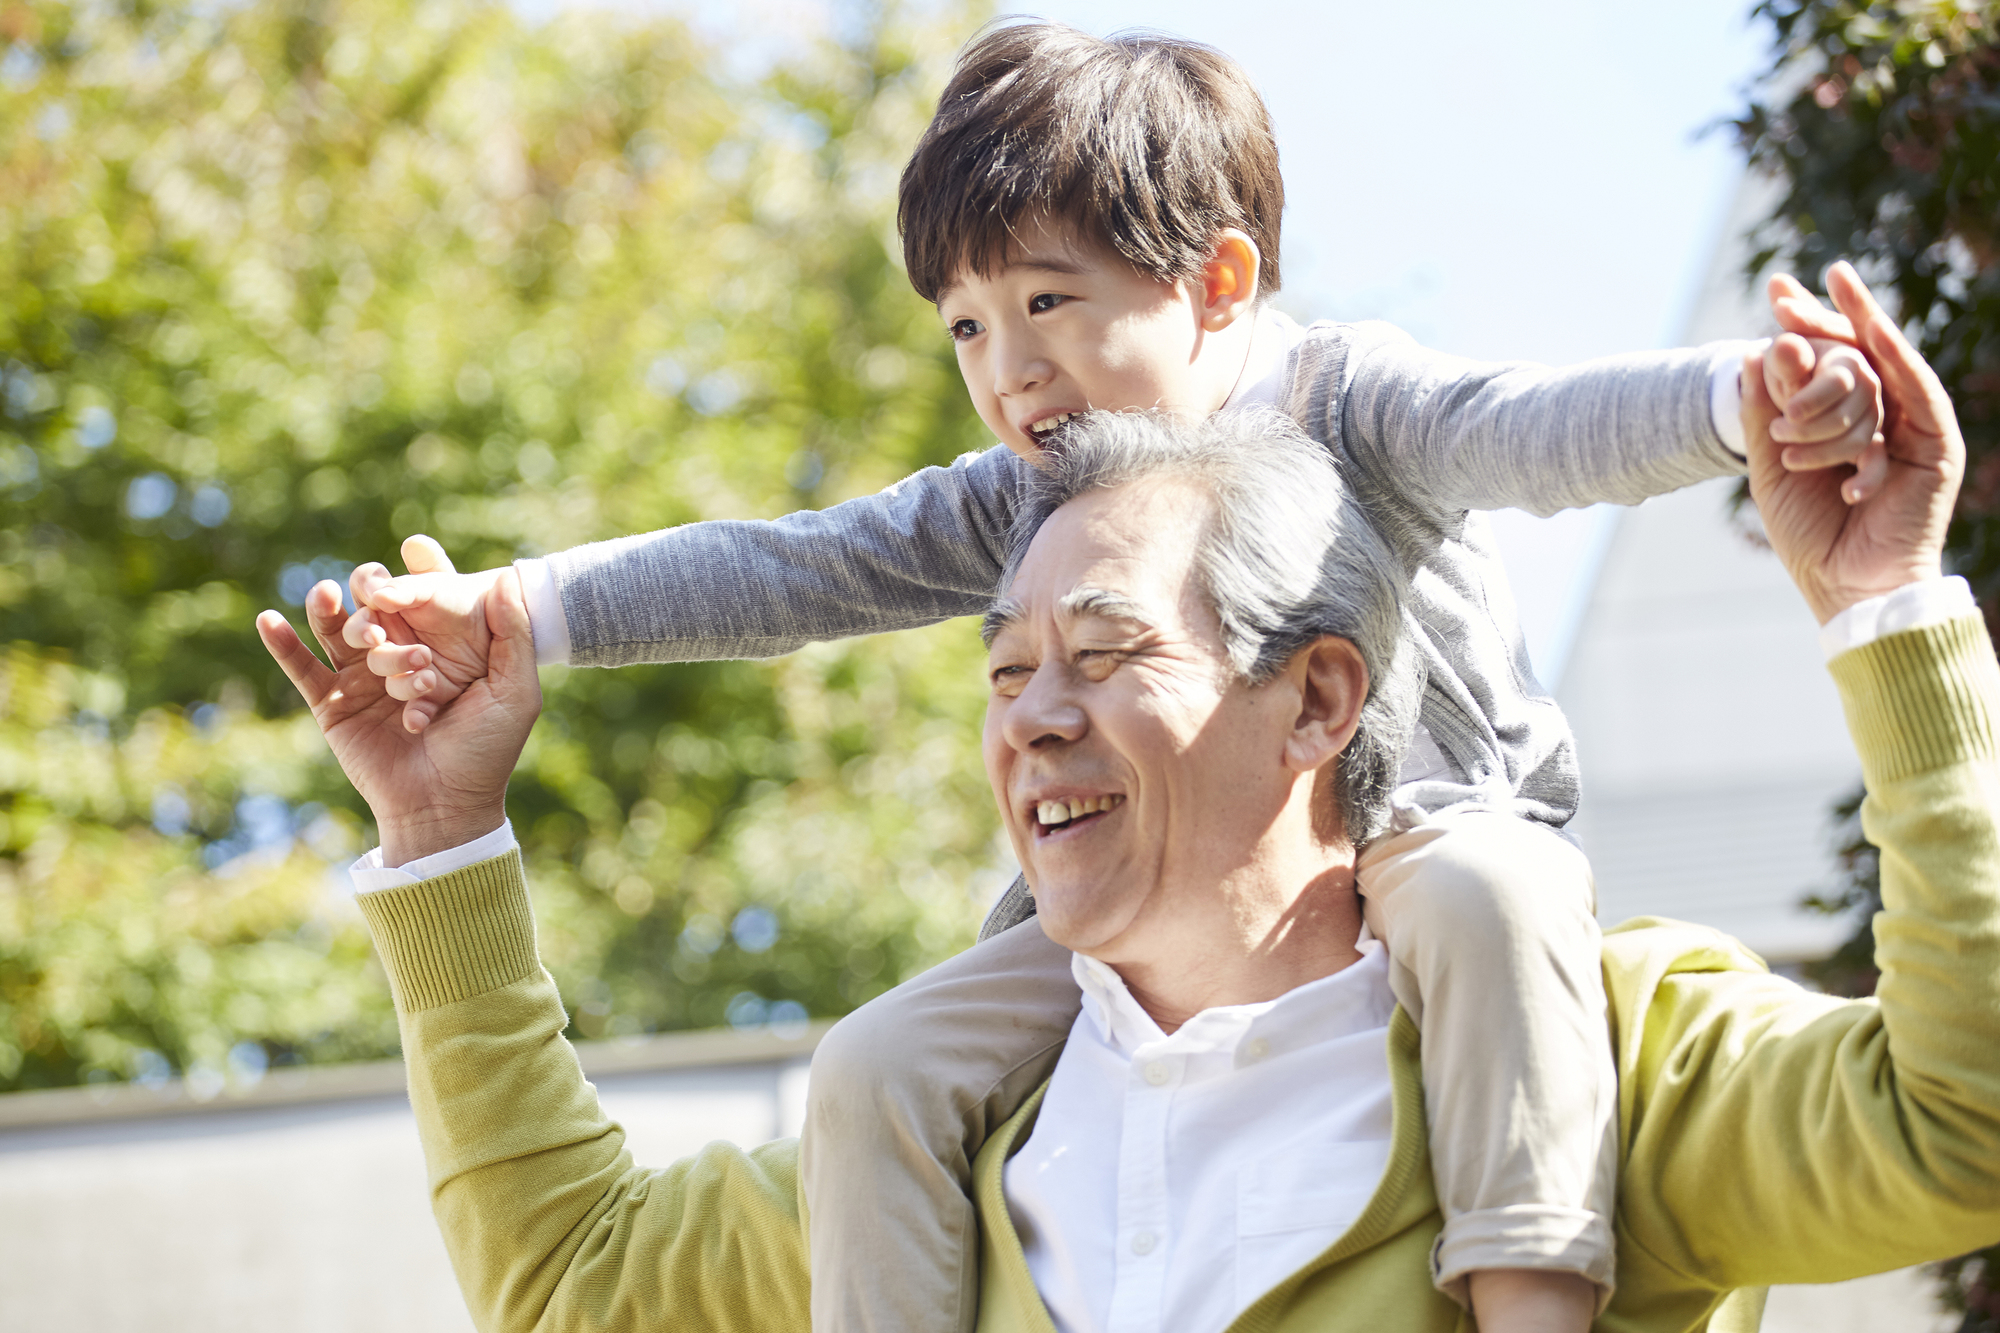 地下鉄駅徒歩8分。いつでもおじいちゃん、おばあちゃんを呼べるから安心